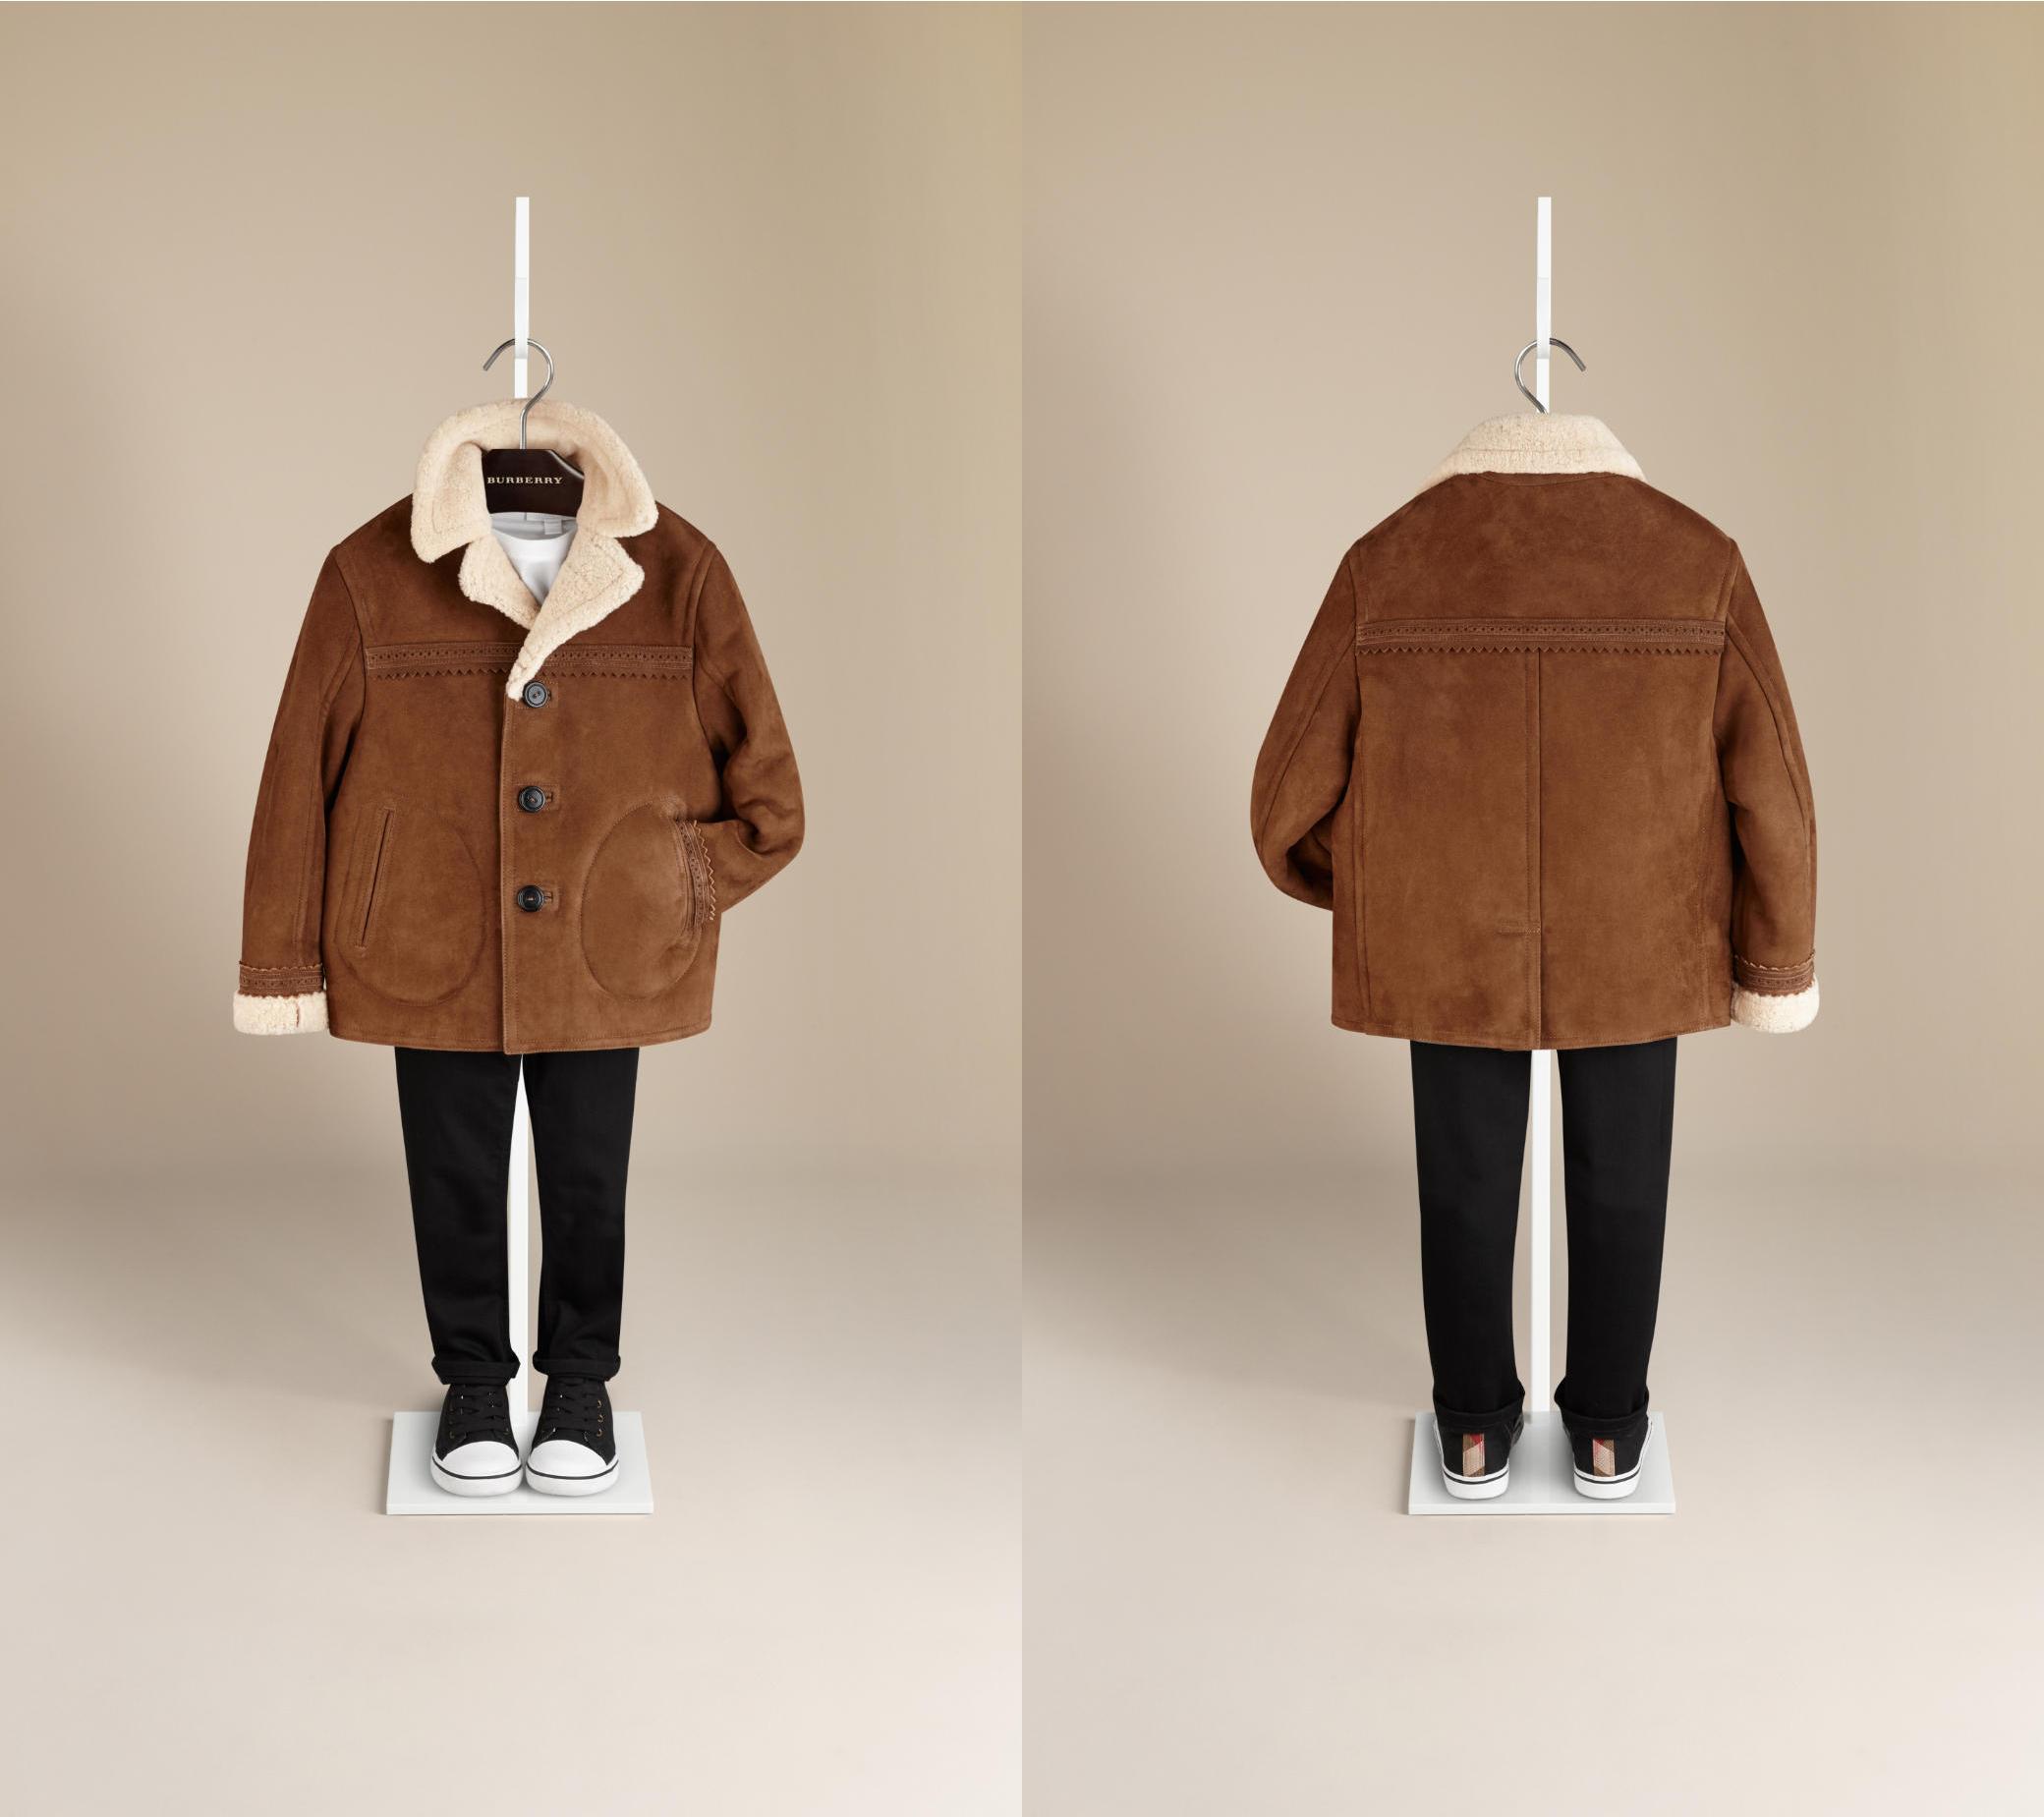 Burberry winter 2014 suede jacket